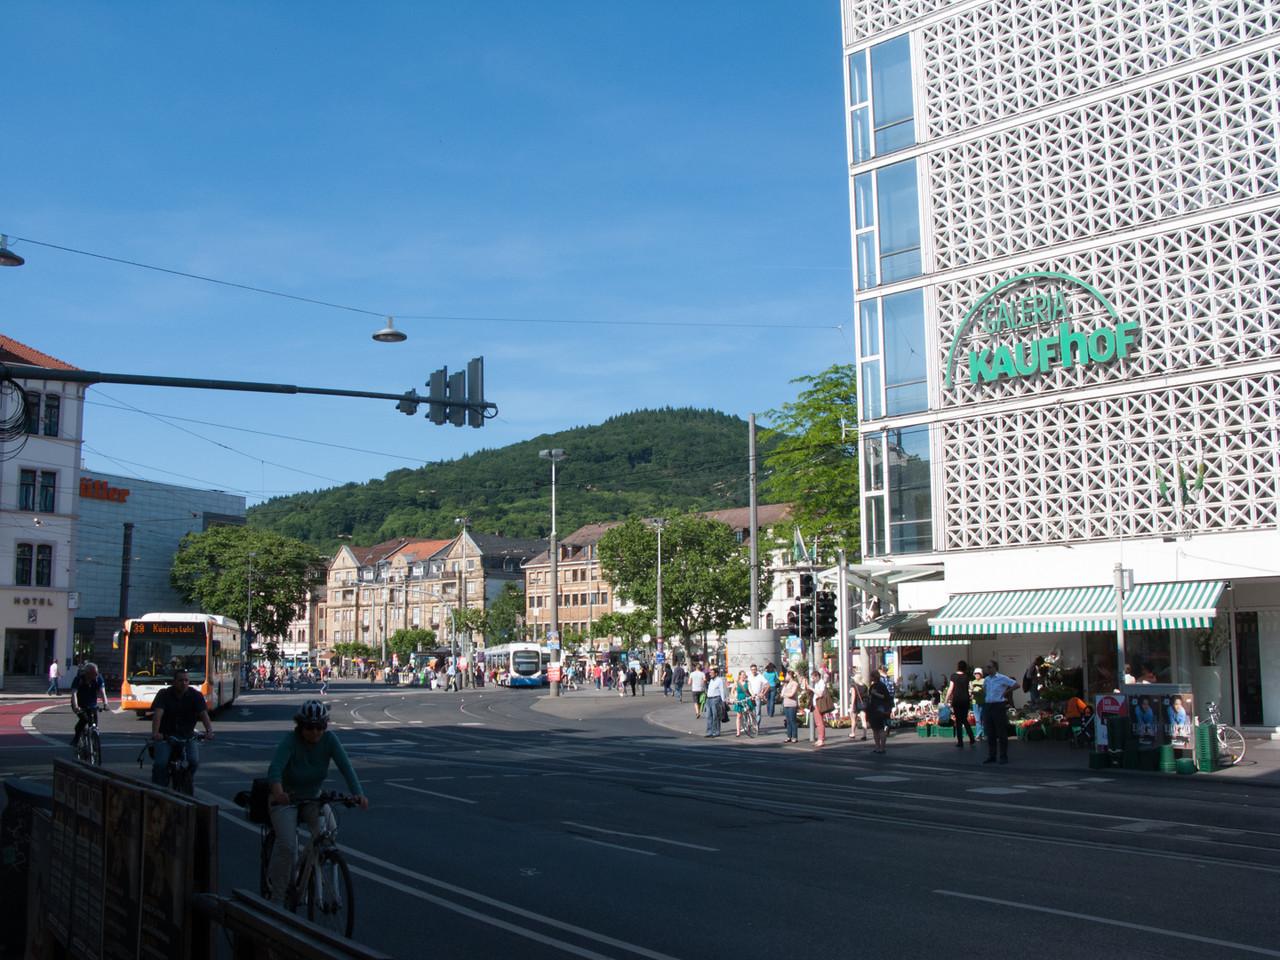 heidelberg_2014-05-20_1003